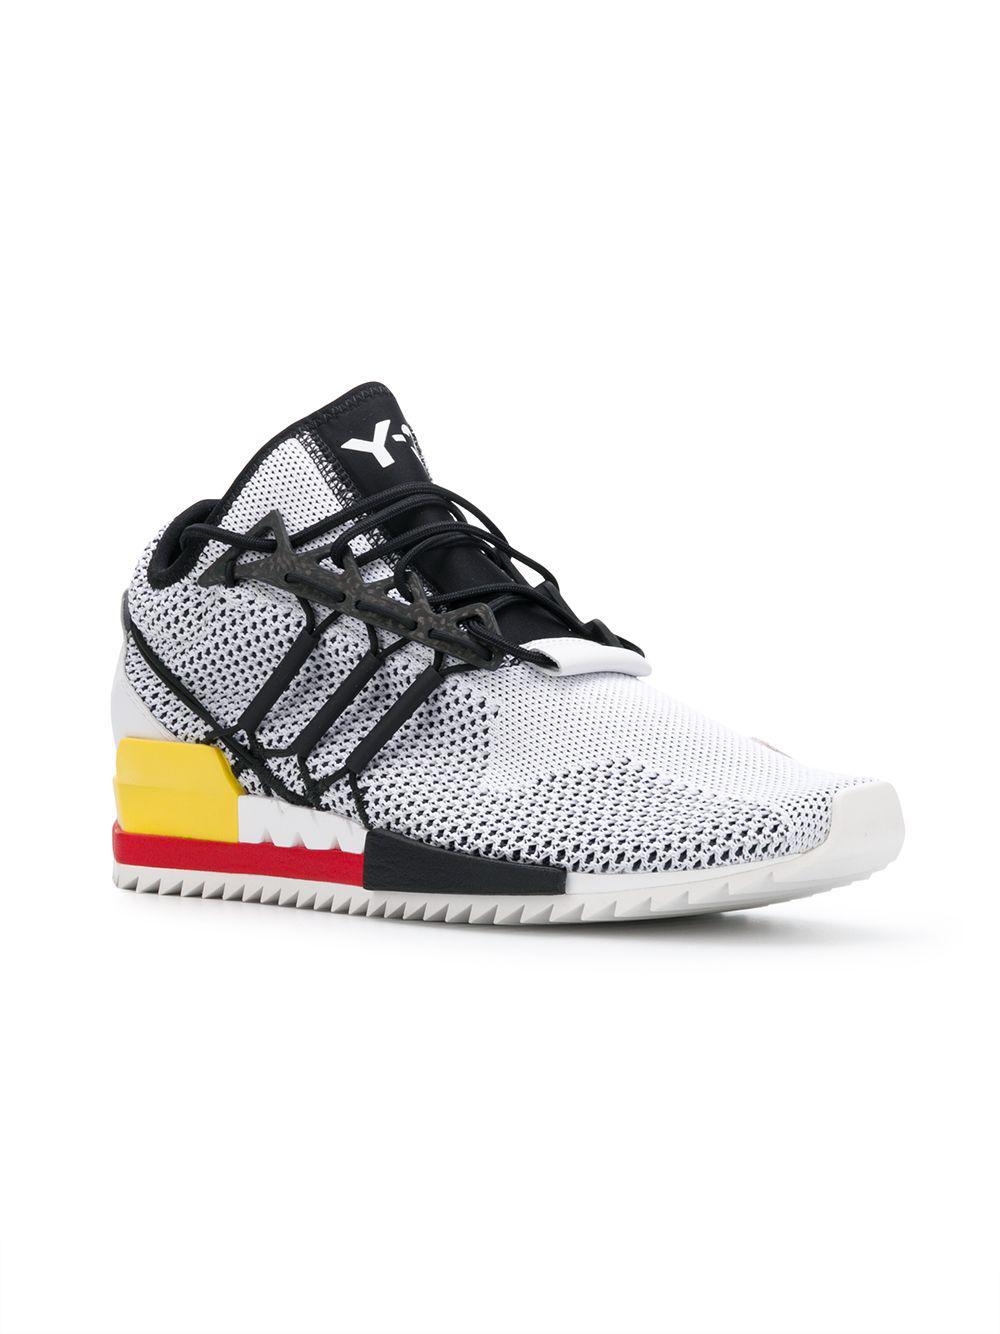 Y-3 Neoprene Harigane Sneakers in White